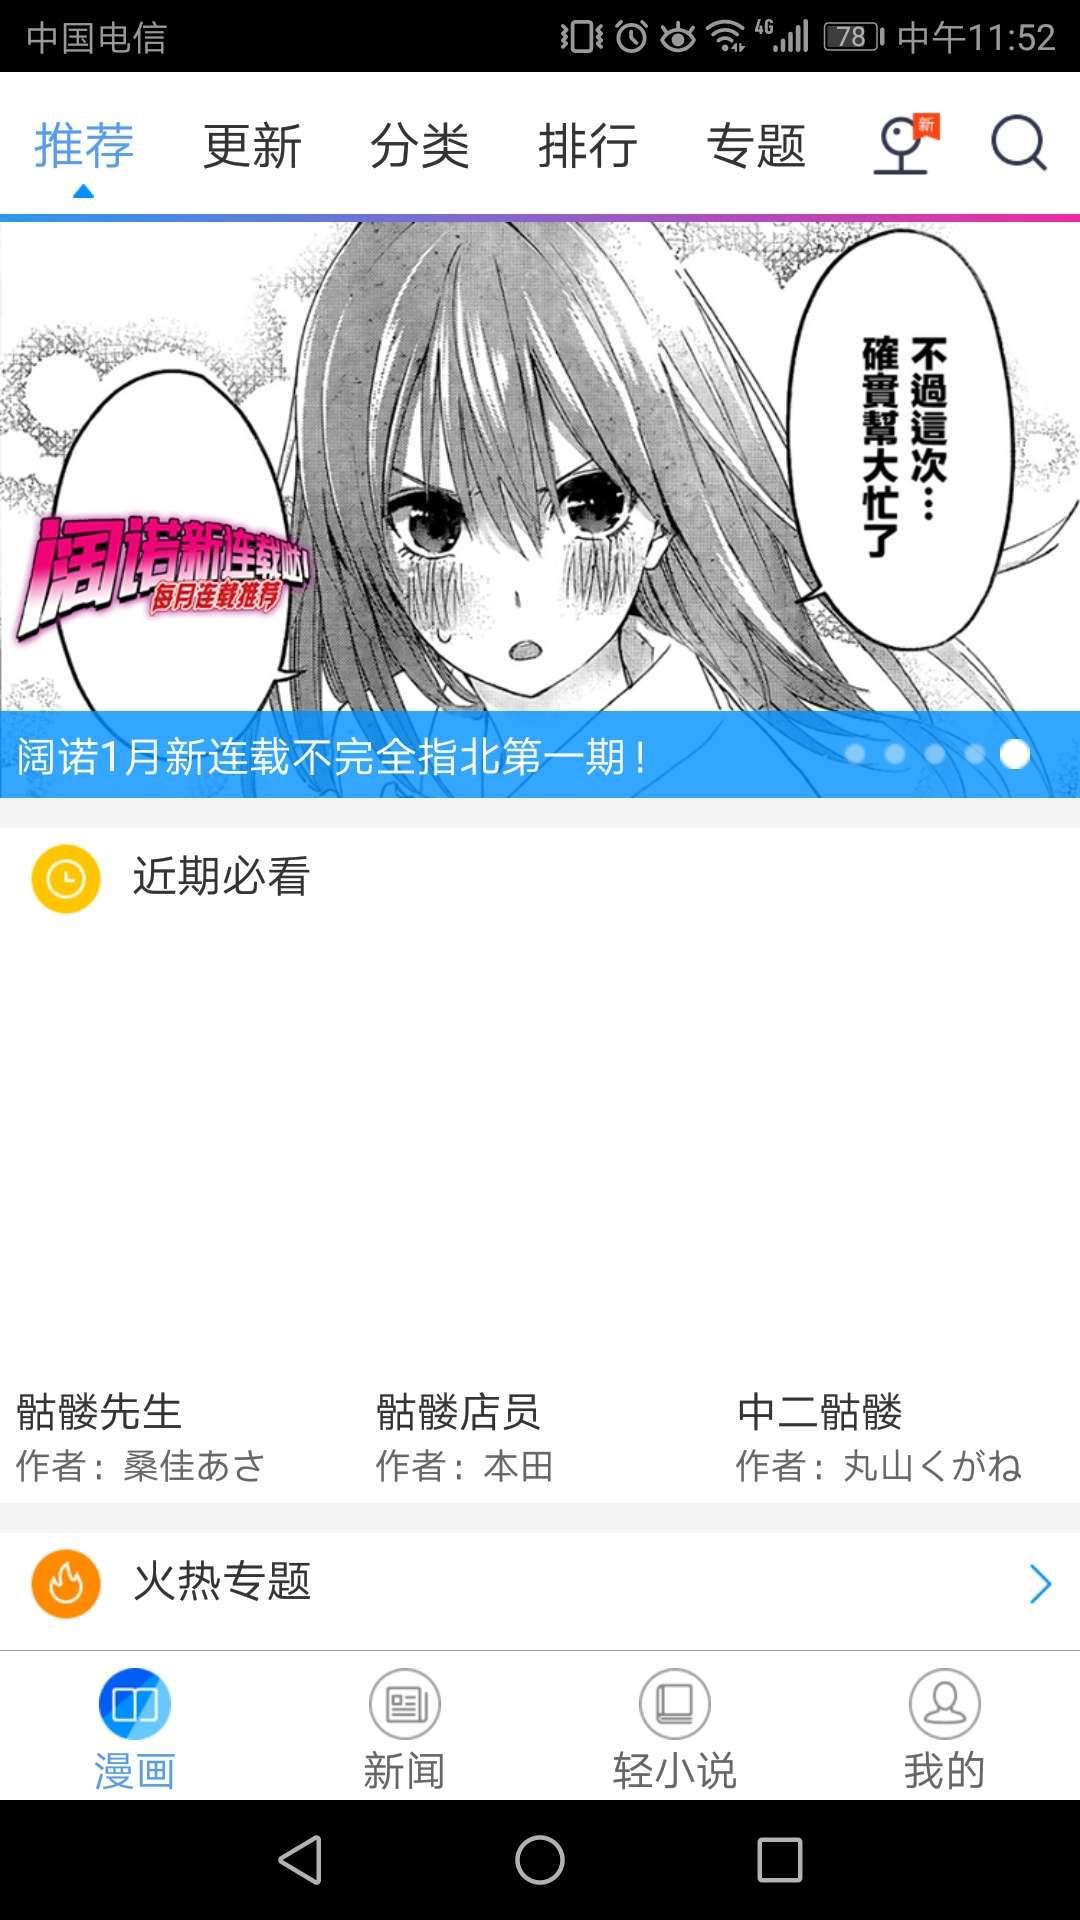 动漫之家 揭露免费看漫画的真相!